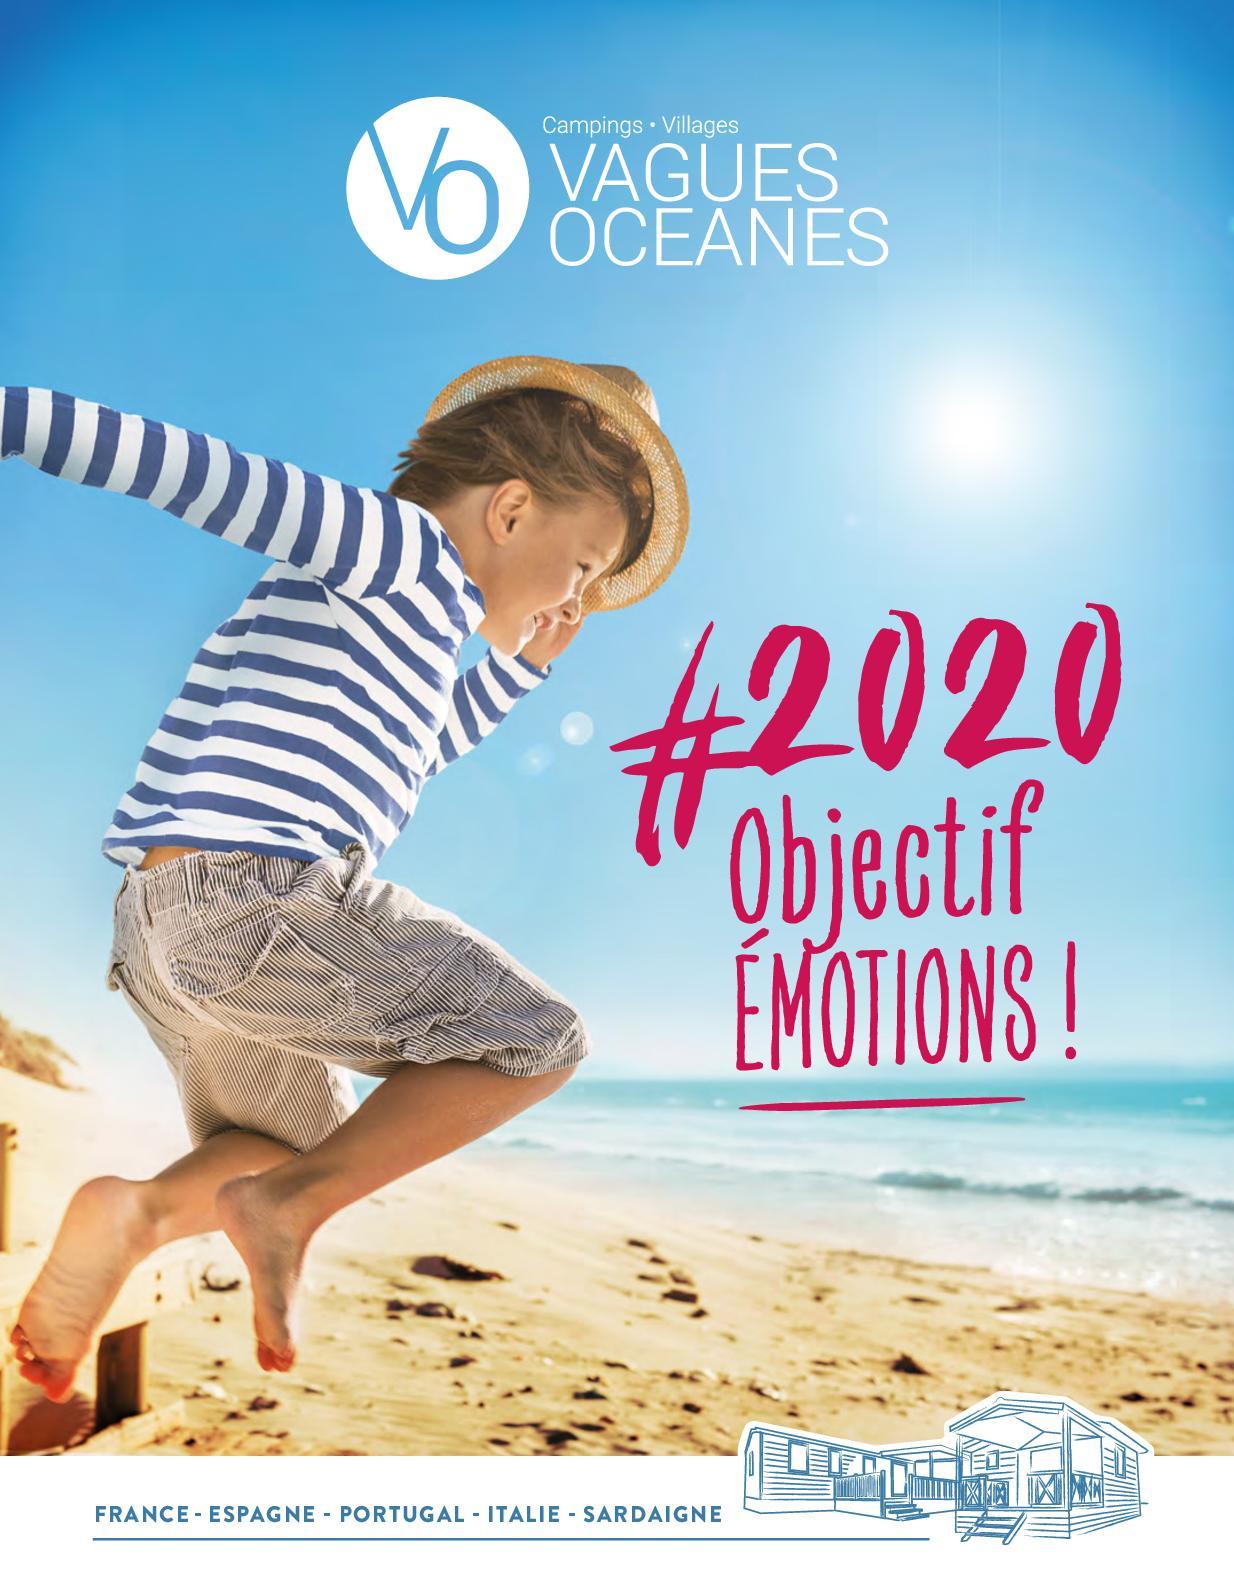 Calaméo - On Line Catalogue 2020 Vagues Océanes à Centre Aquatique Des Hauts De Bayonne Piscine Bayonne